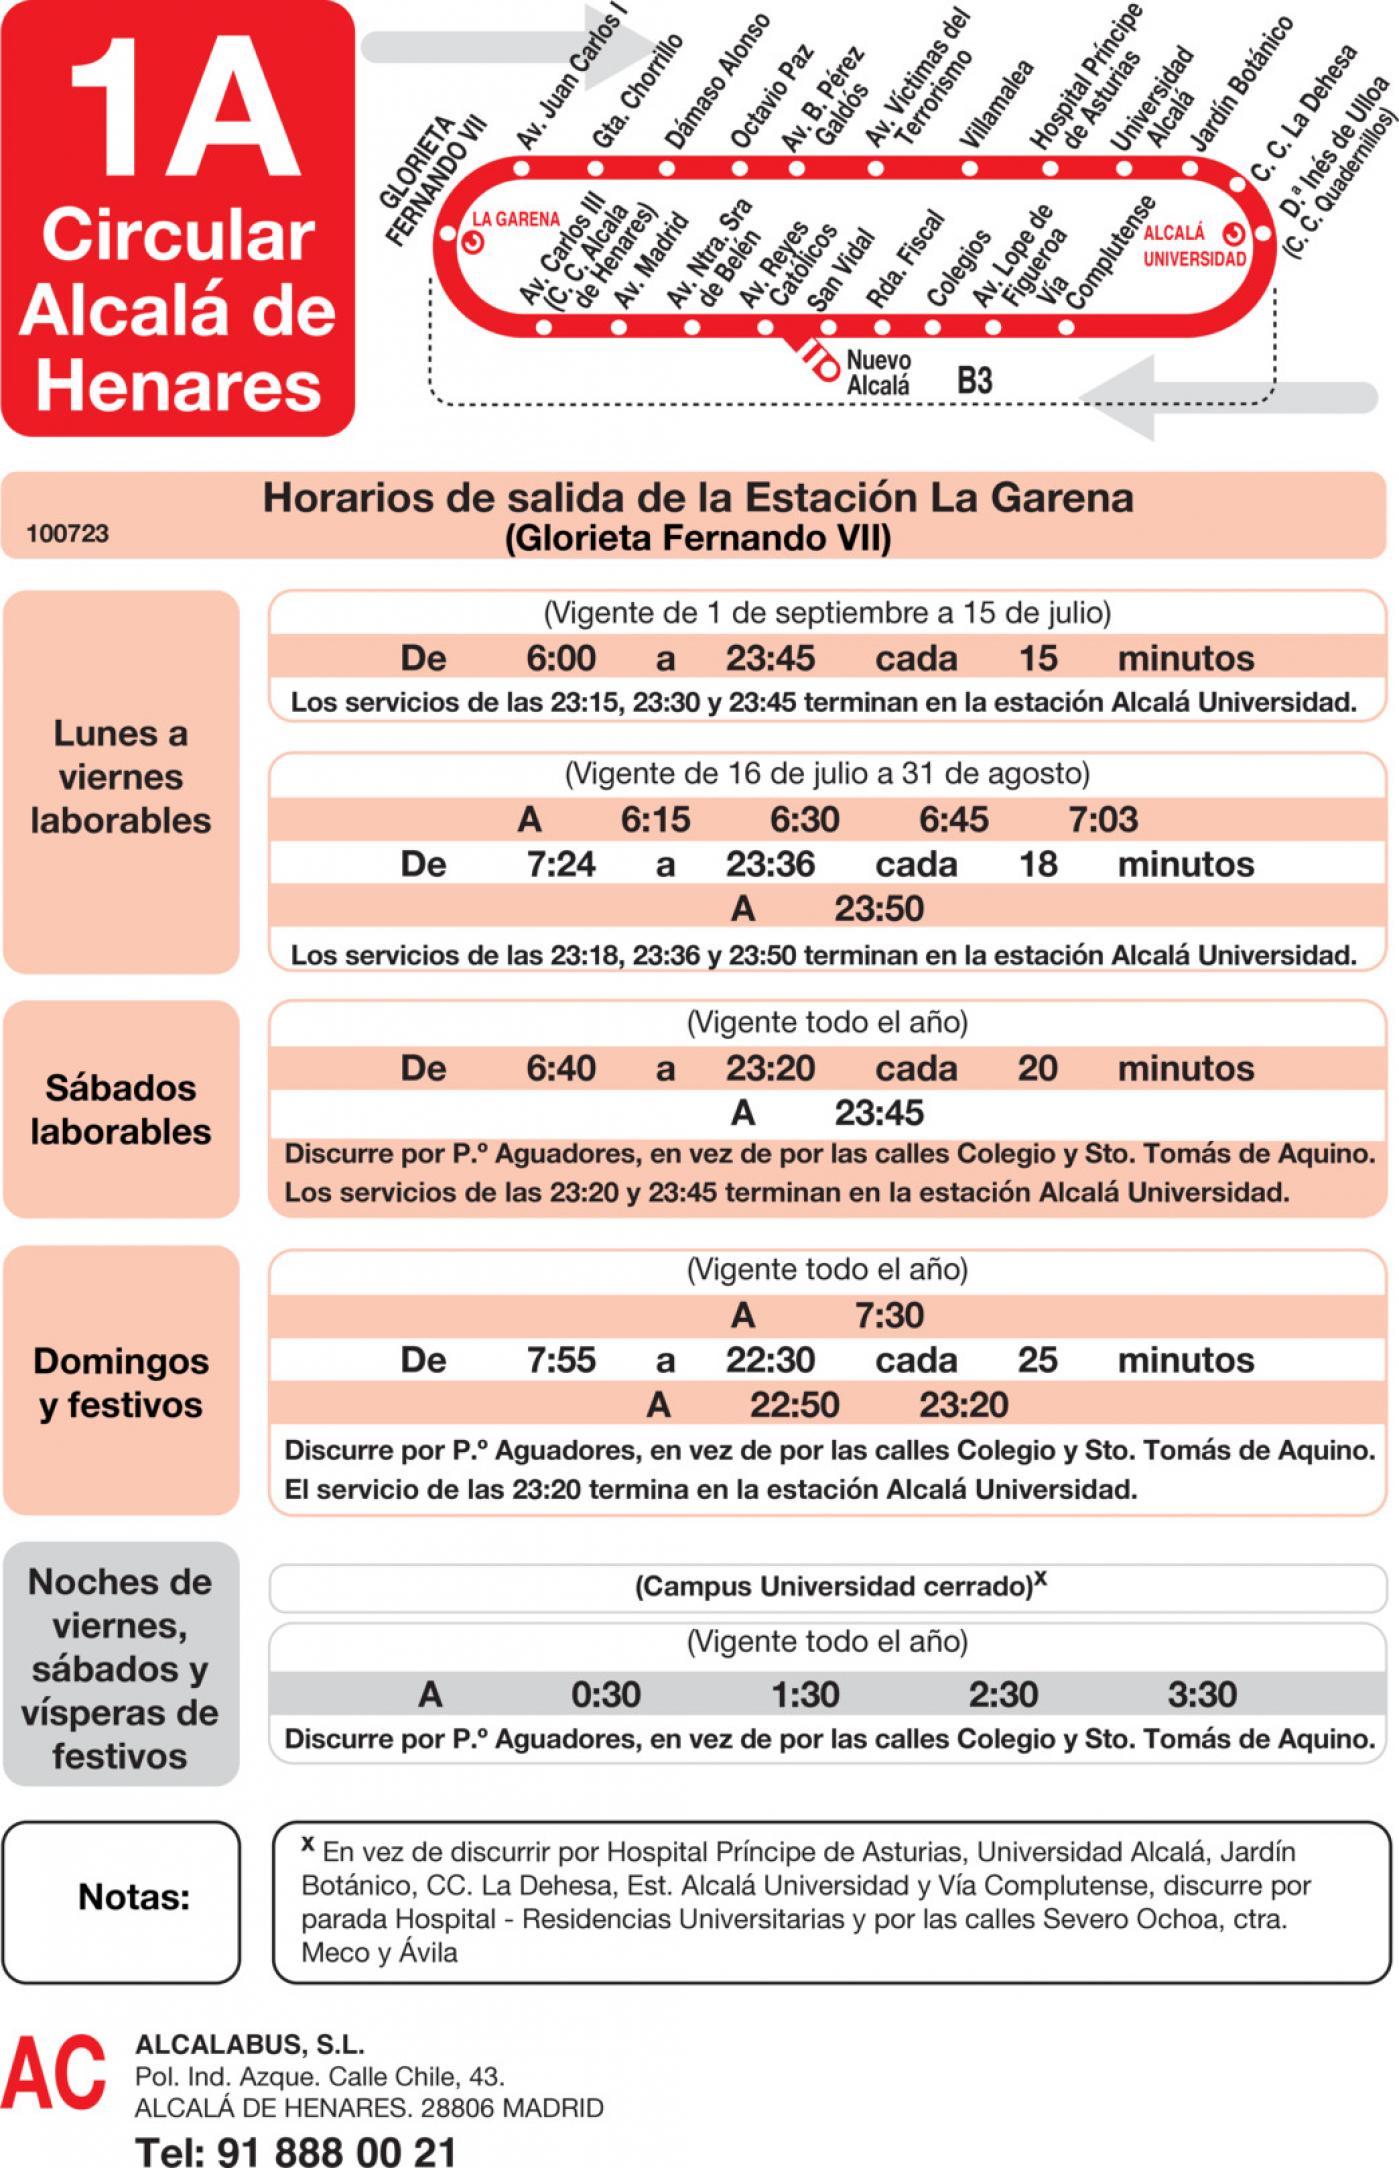 Tabla de horarios y frecuencias de paso en sentido ida Línea L-1A Alcalá de Henares: Circular